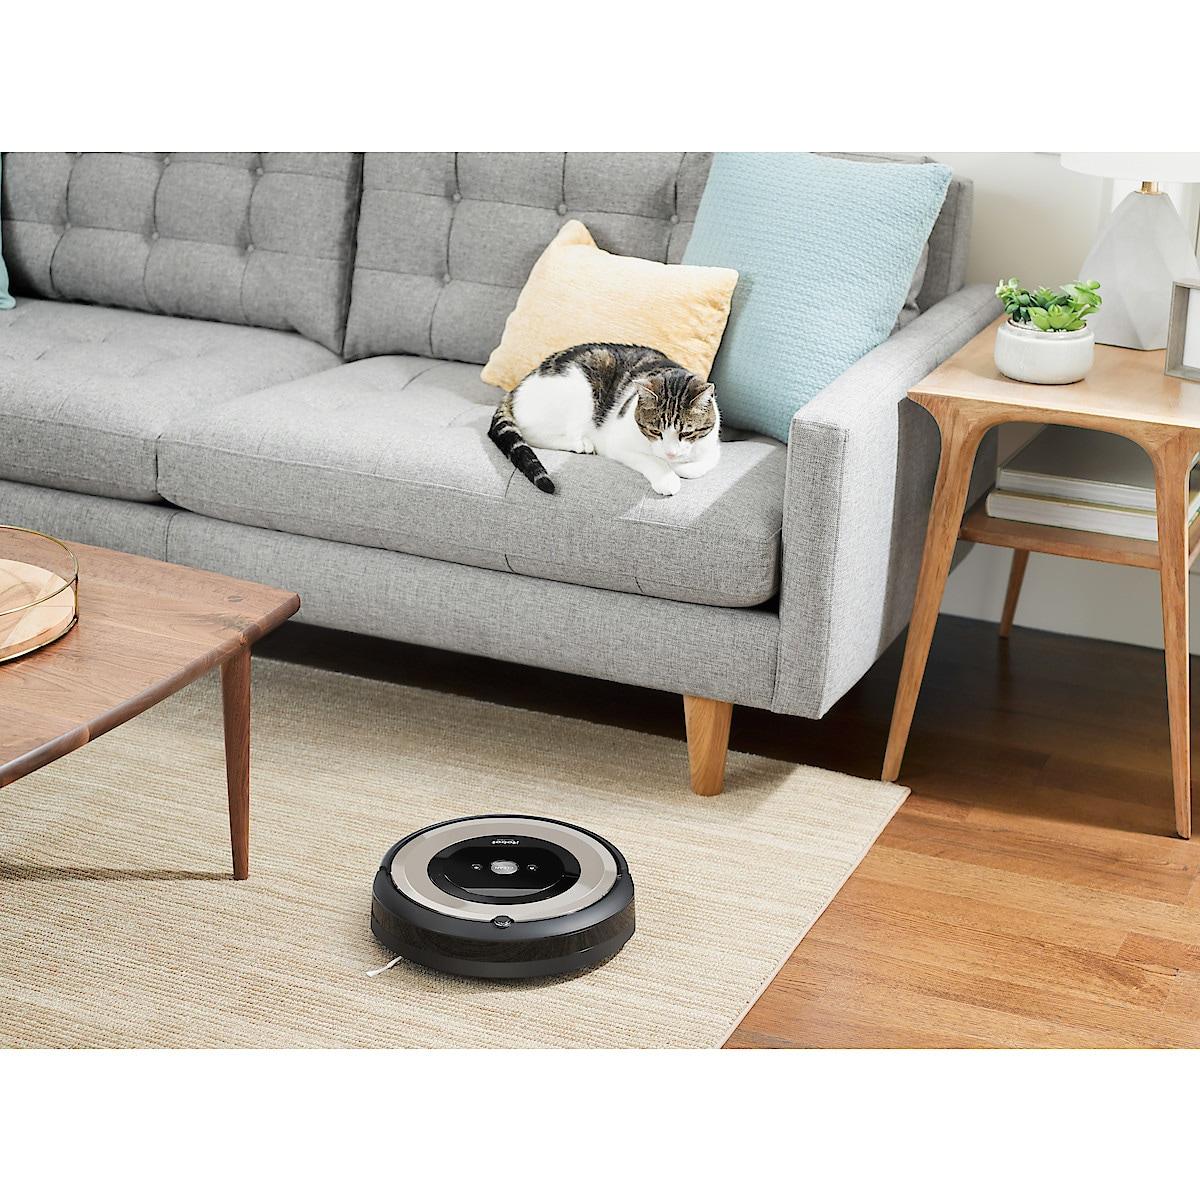 iRobot Roomba e5152 robotstøvsuger